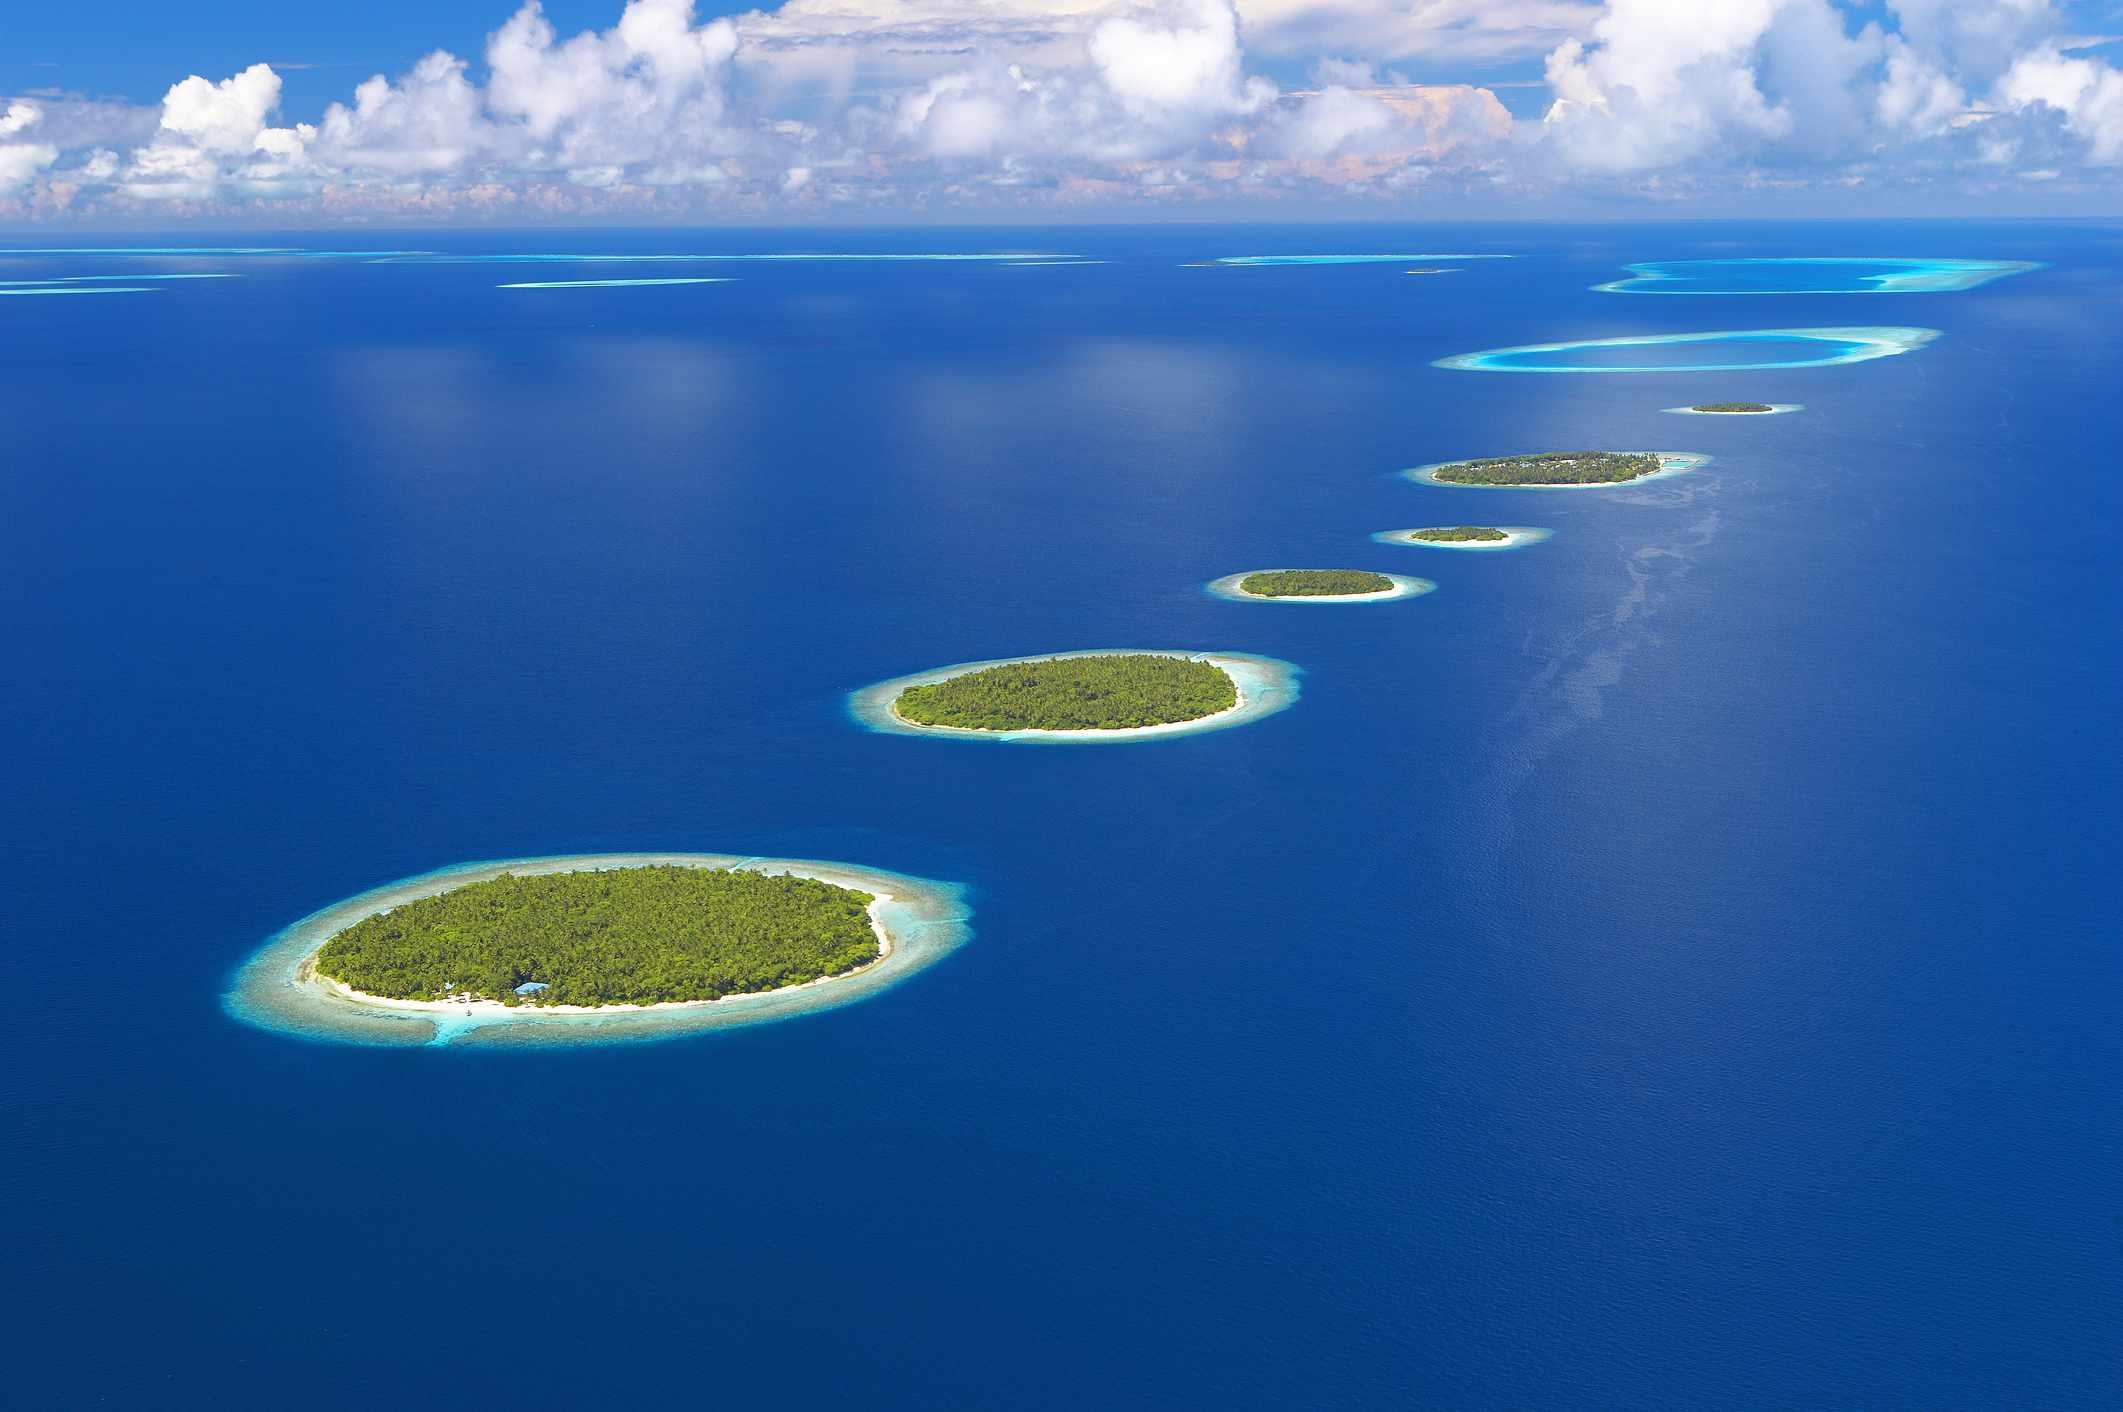 Maldives, Baa Atoll, aerial view